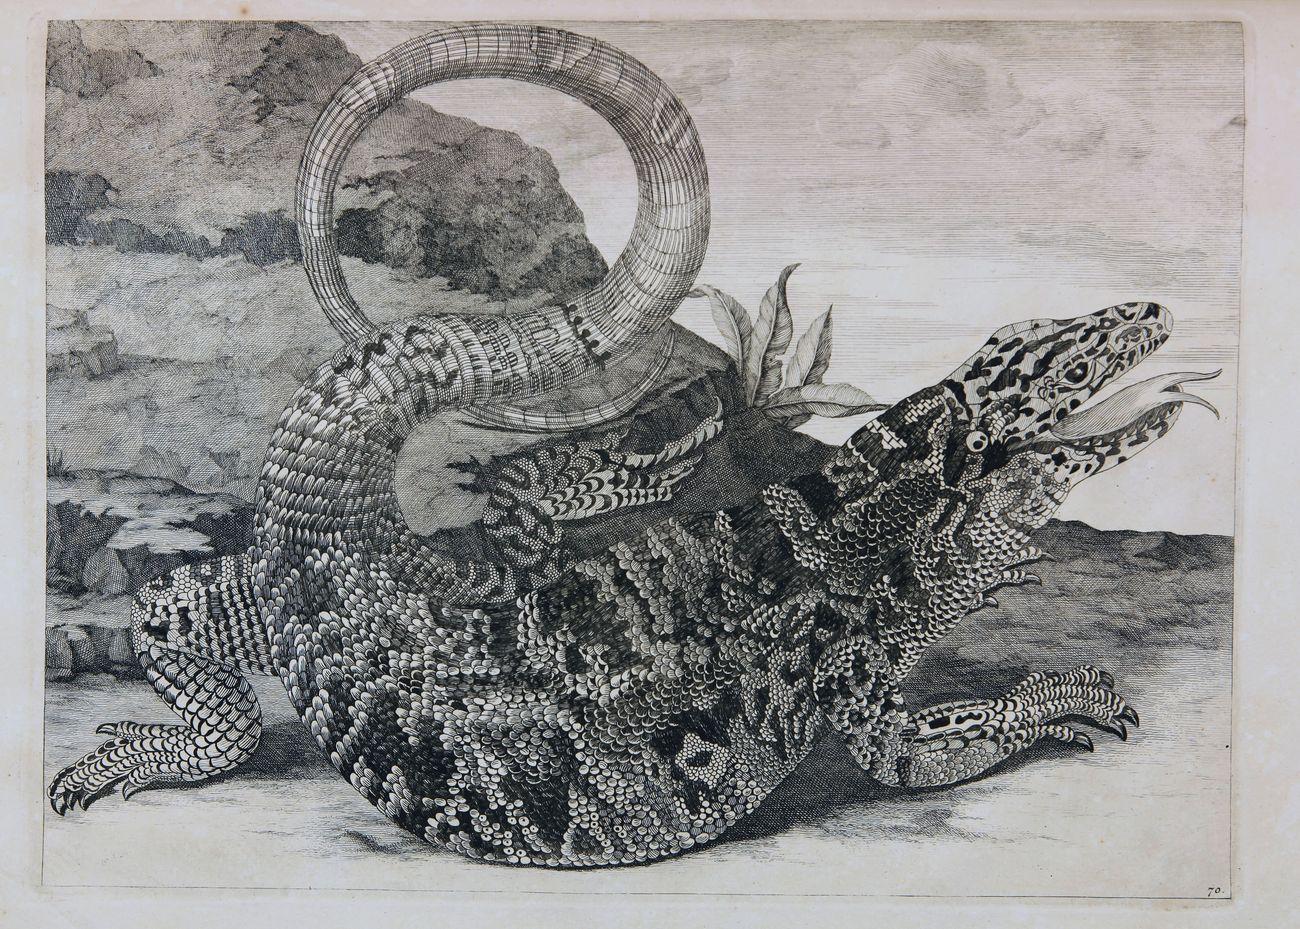 Maria Sibylla Merian, Gli insetti del Suriname, L'Aia, 1726. Modena, Biblioteca Estense Universitaria